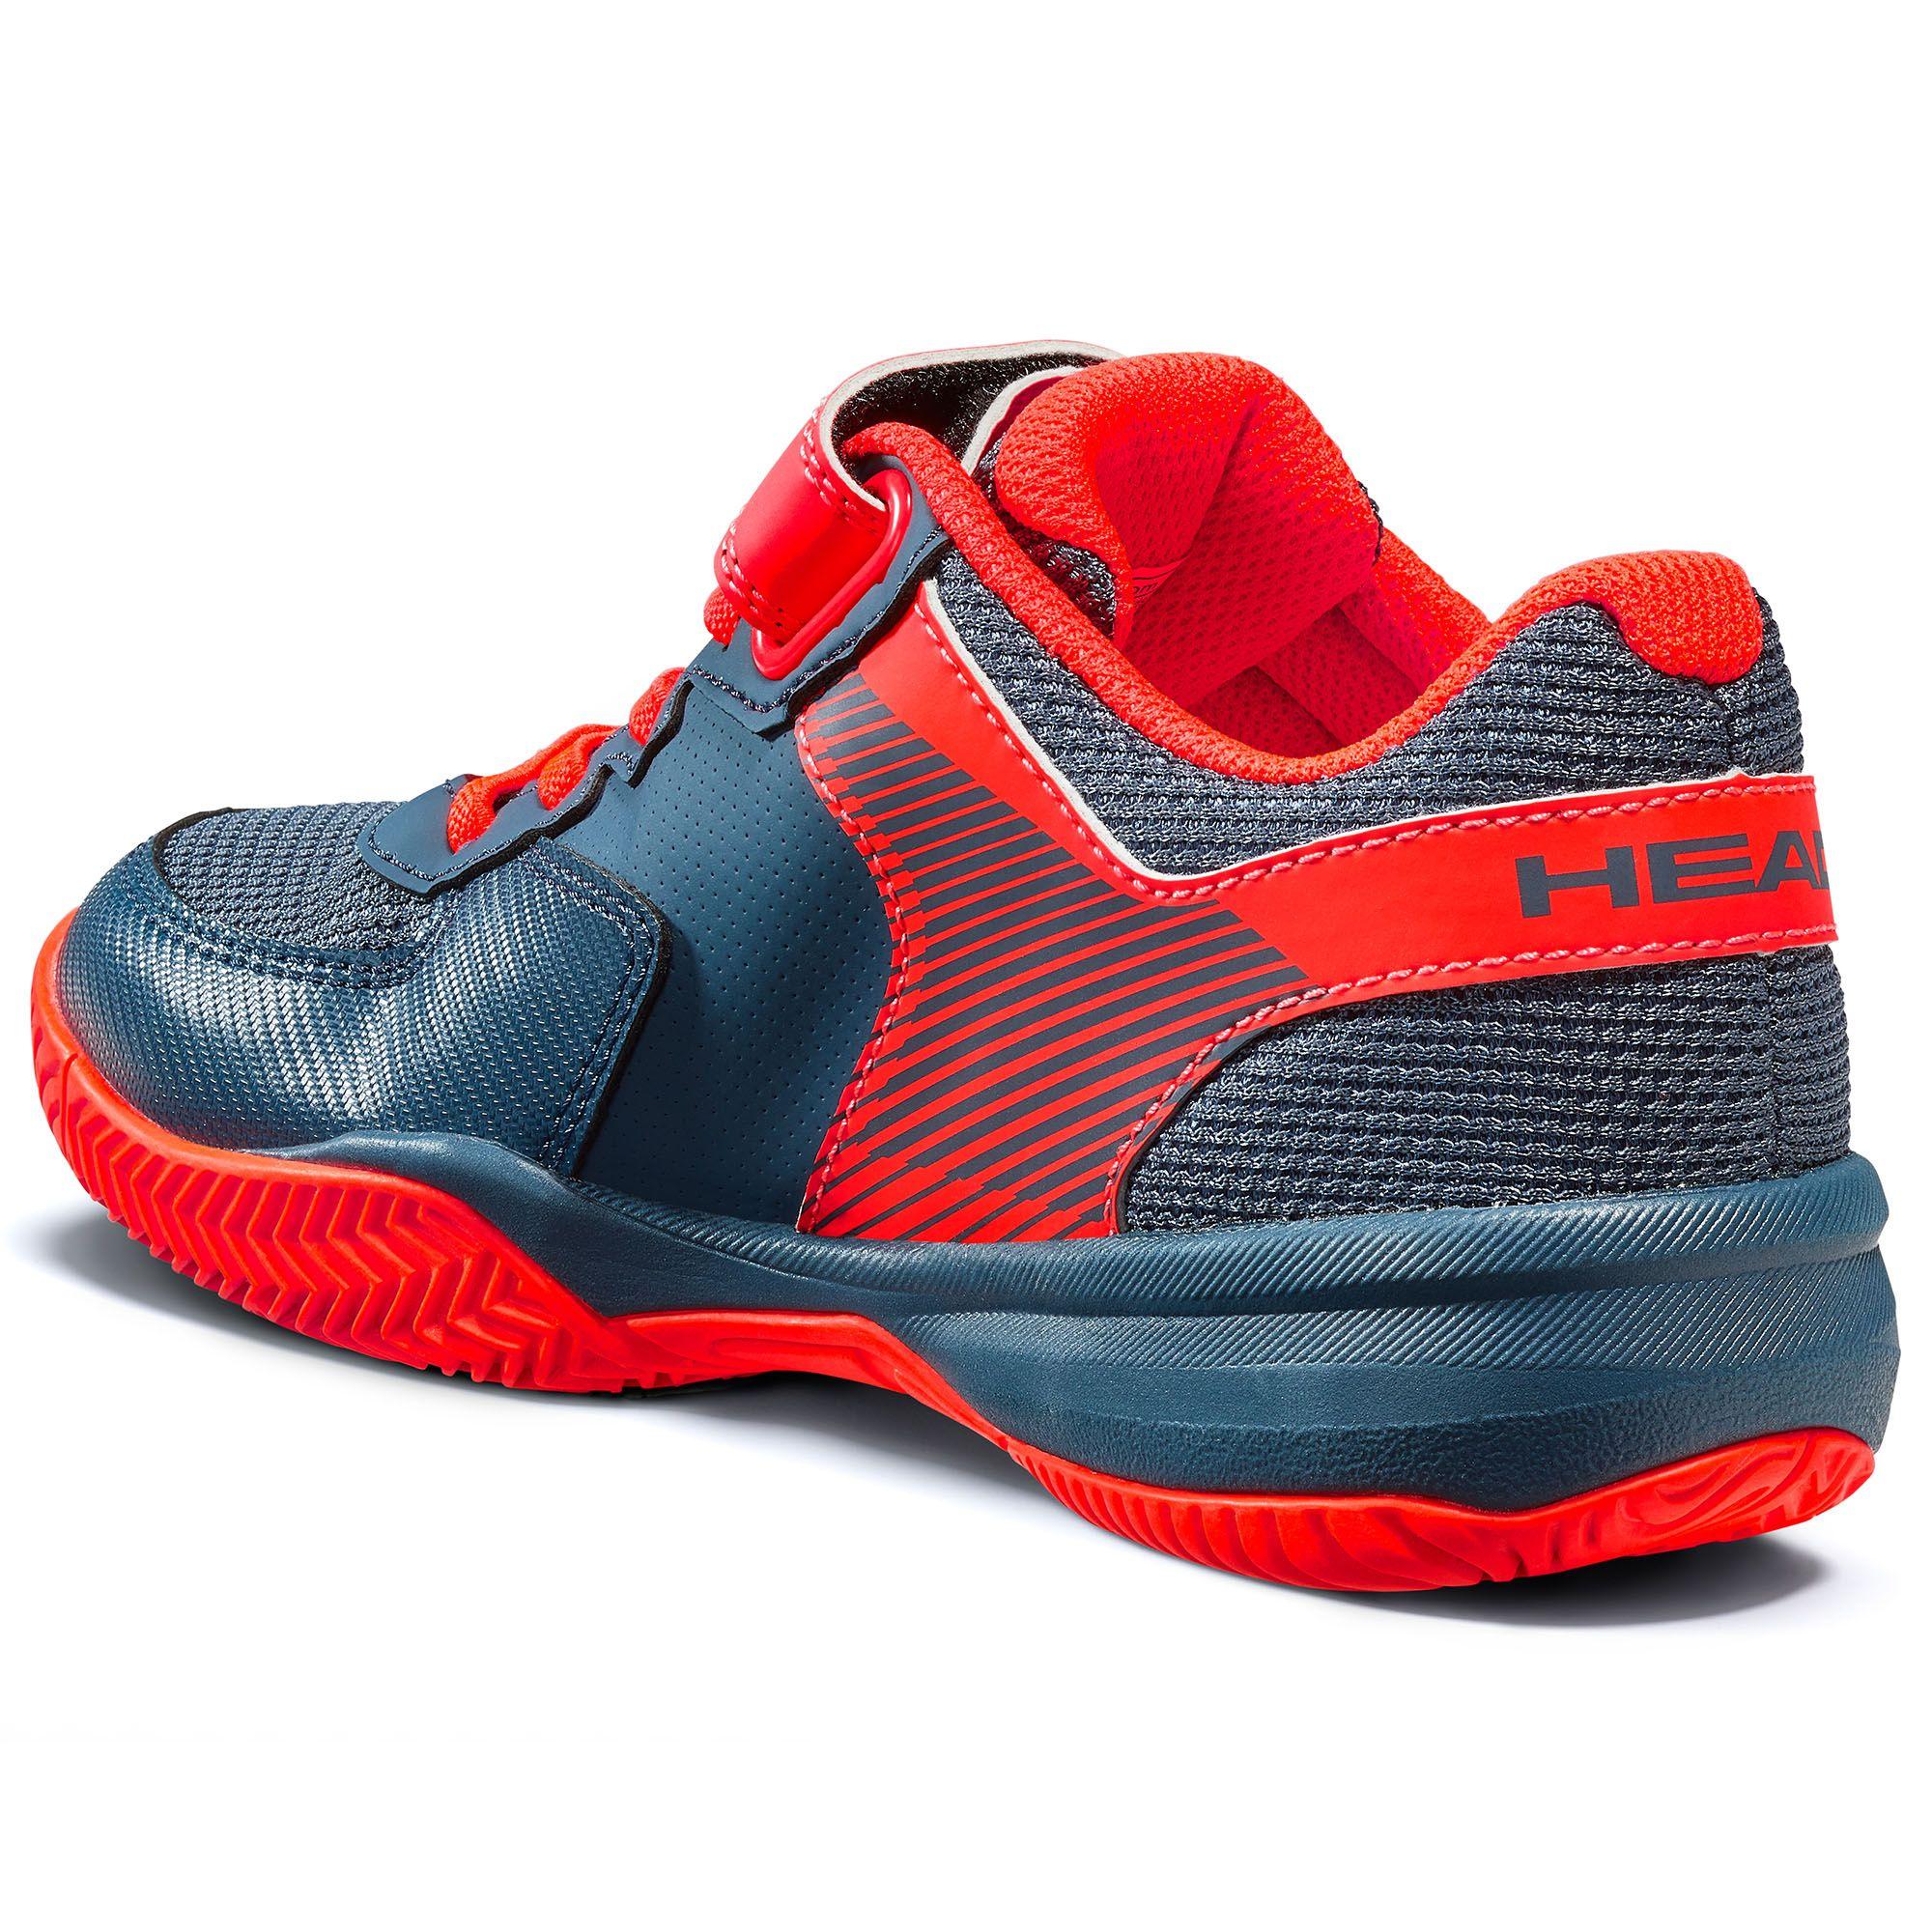 Puma Faas 300 V4 Mens Running Shoes SS15 - Sweatband.com